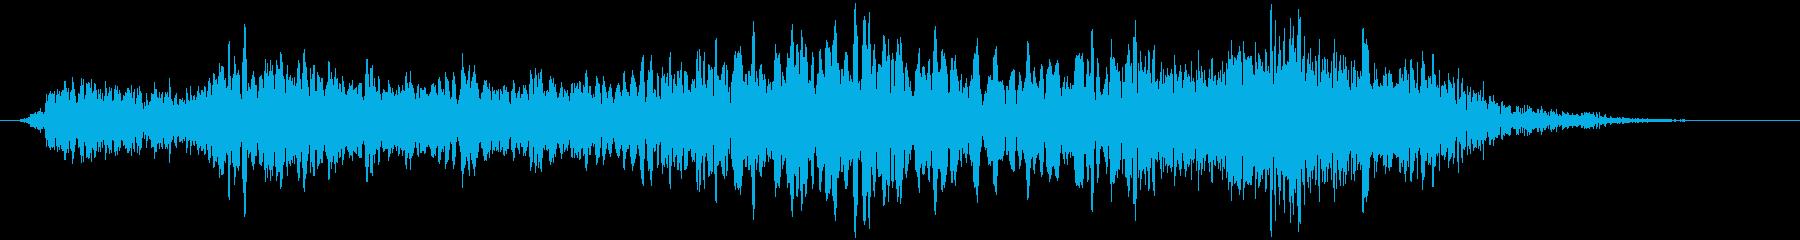 野鳥のうるさい鳴き声 ギィーゥィッの再生済みの波形